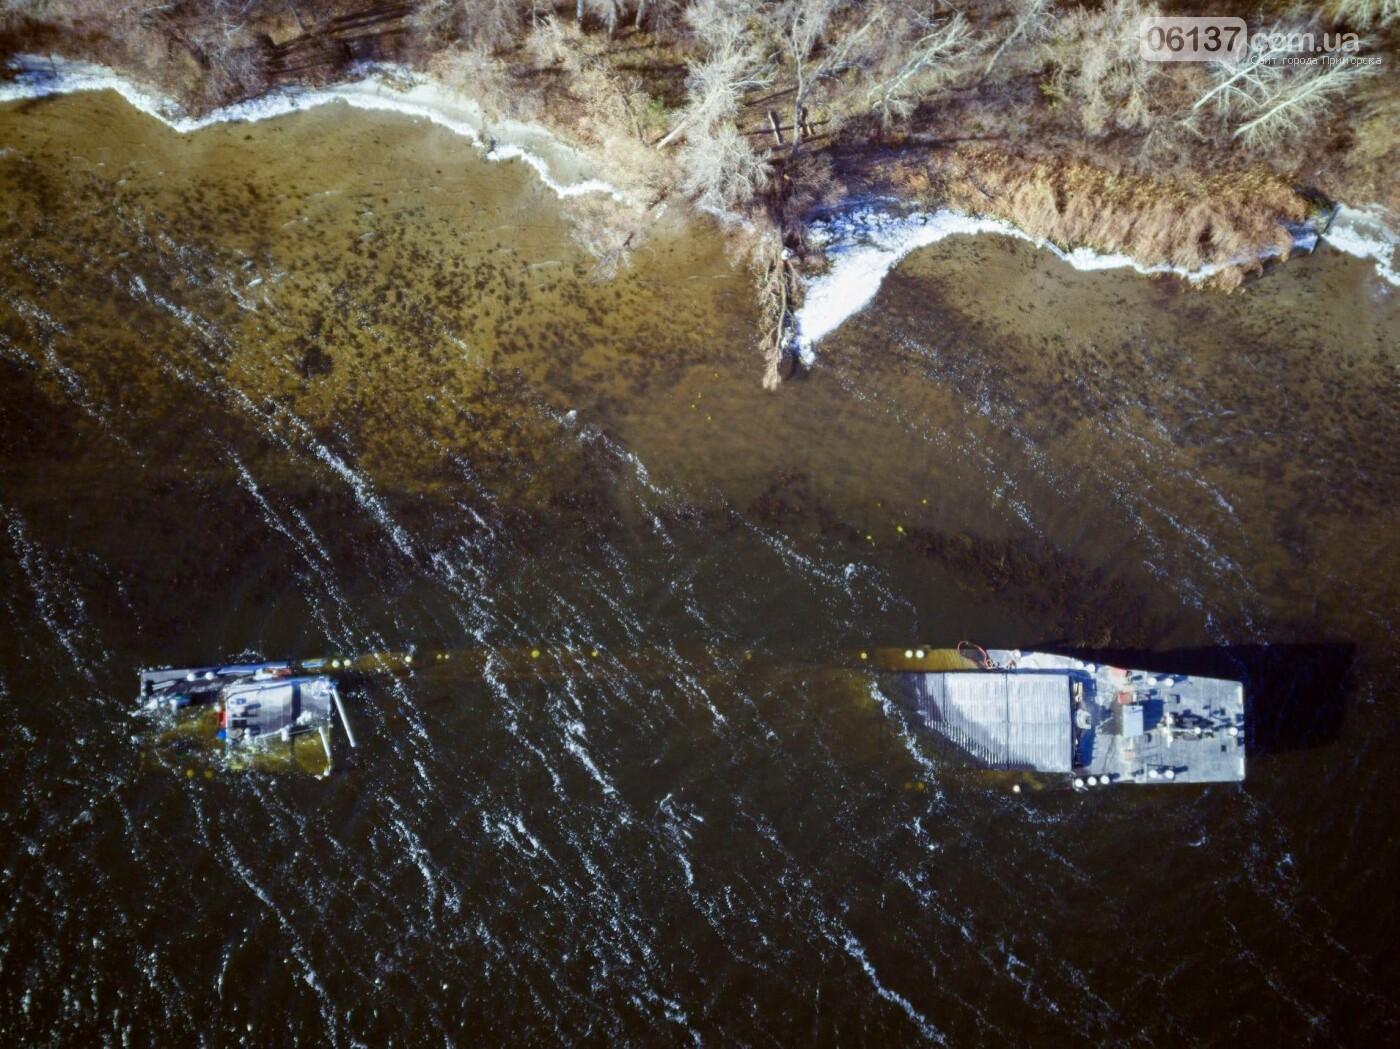 Запорожский фотограф опубликовал интересные кадры, затонувшего в Разумовке, сухогруза. Фото , фото-2